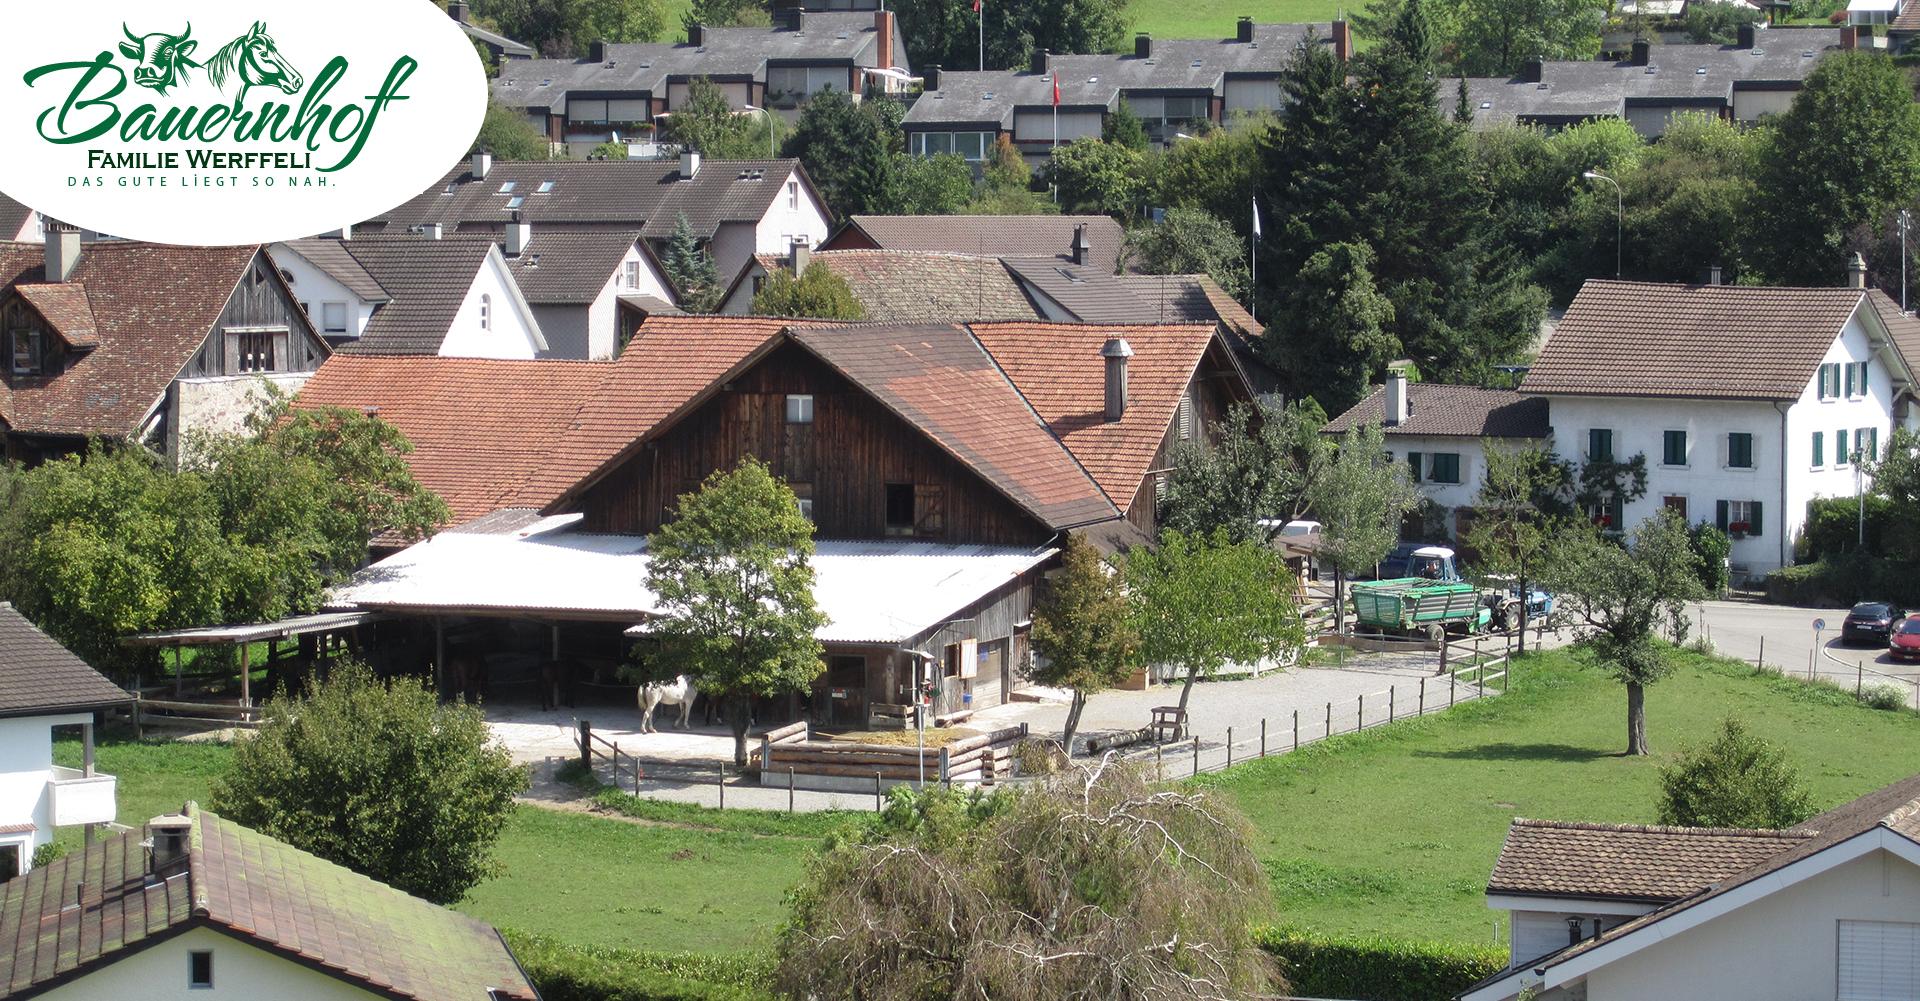 bauernhof-familie-werffeli-slide02